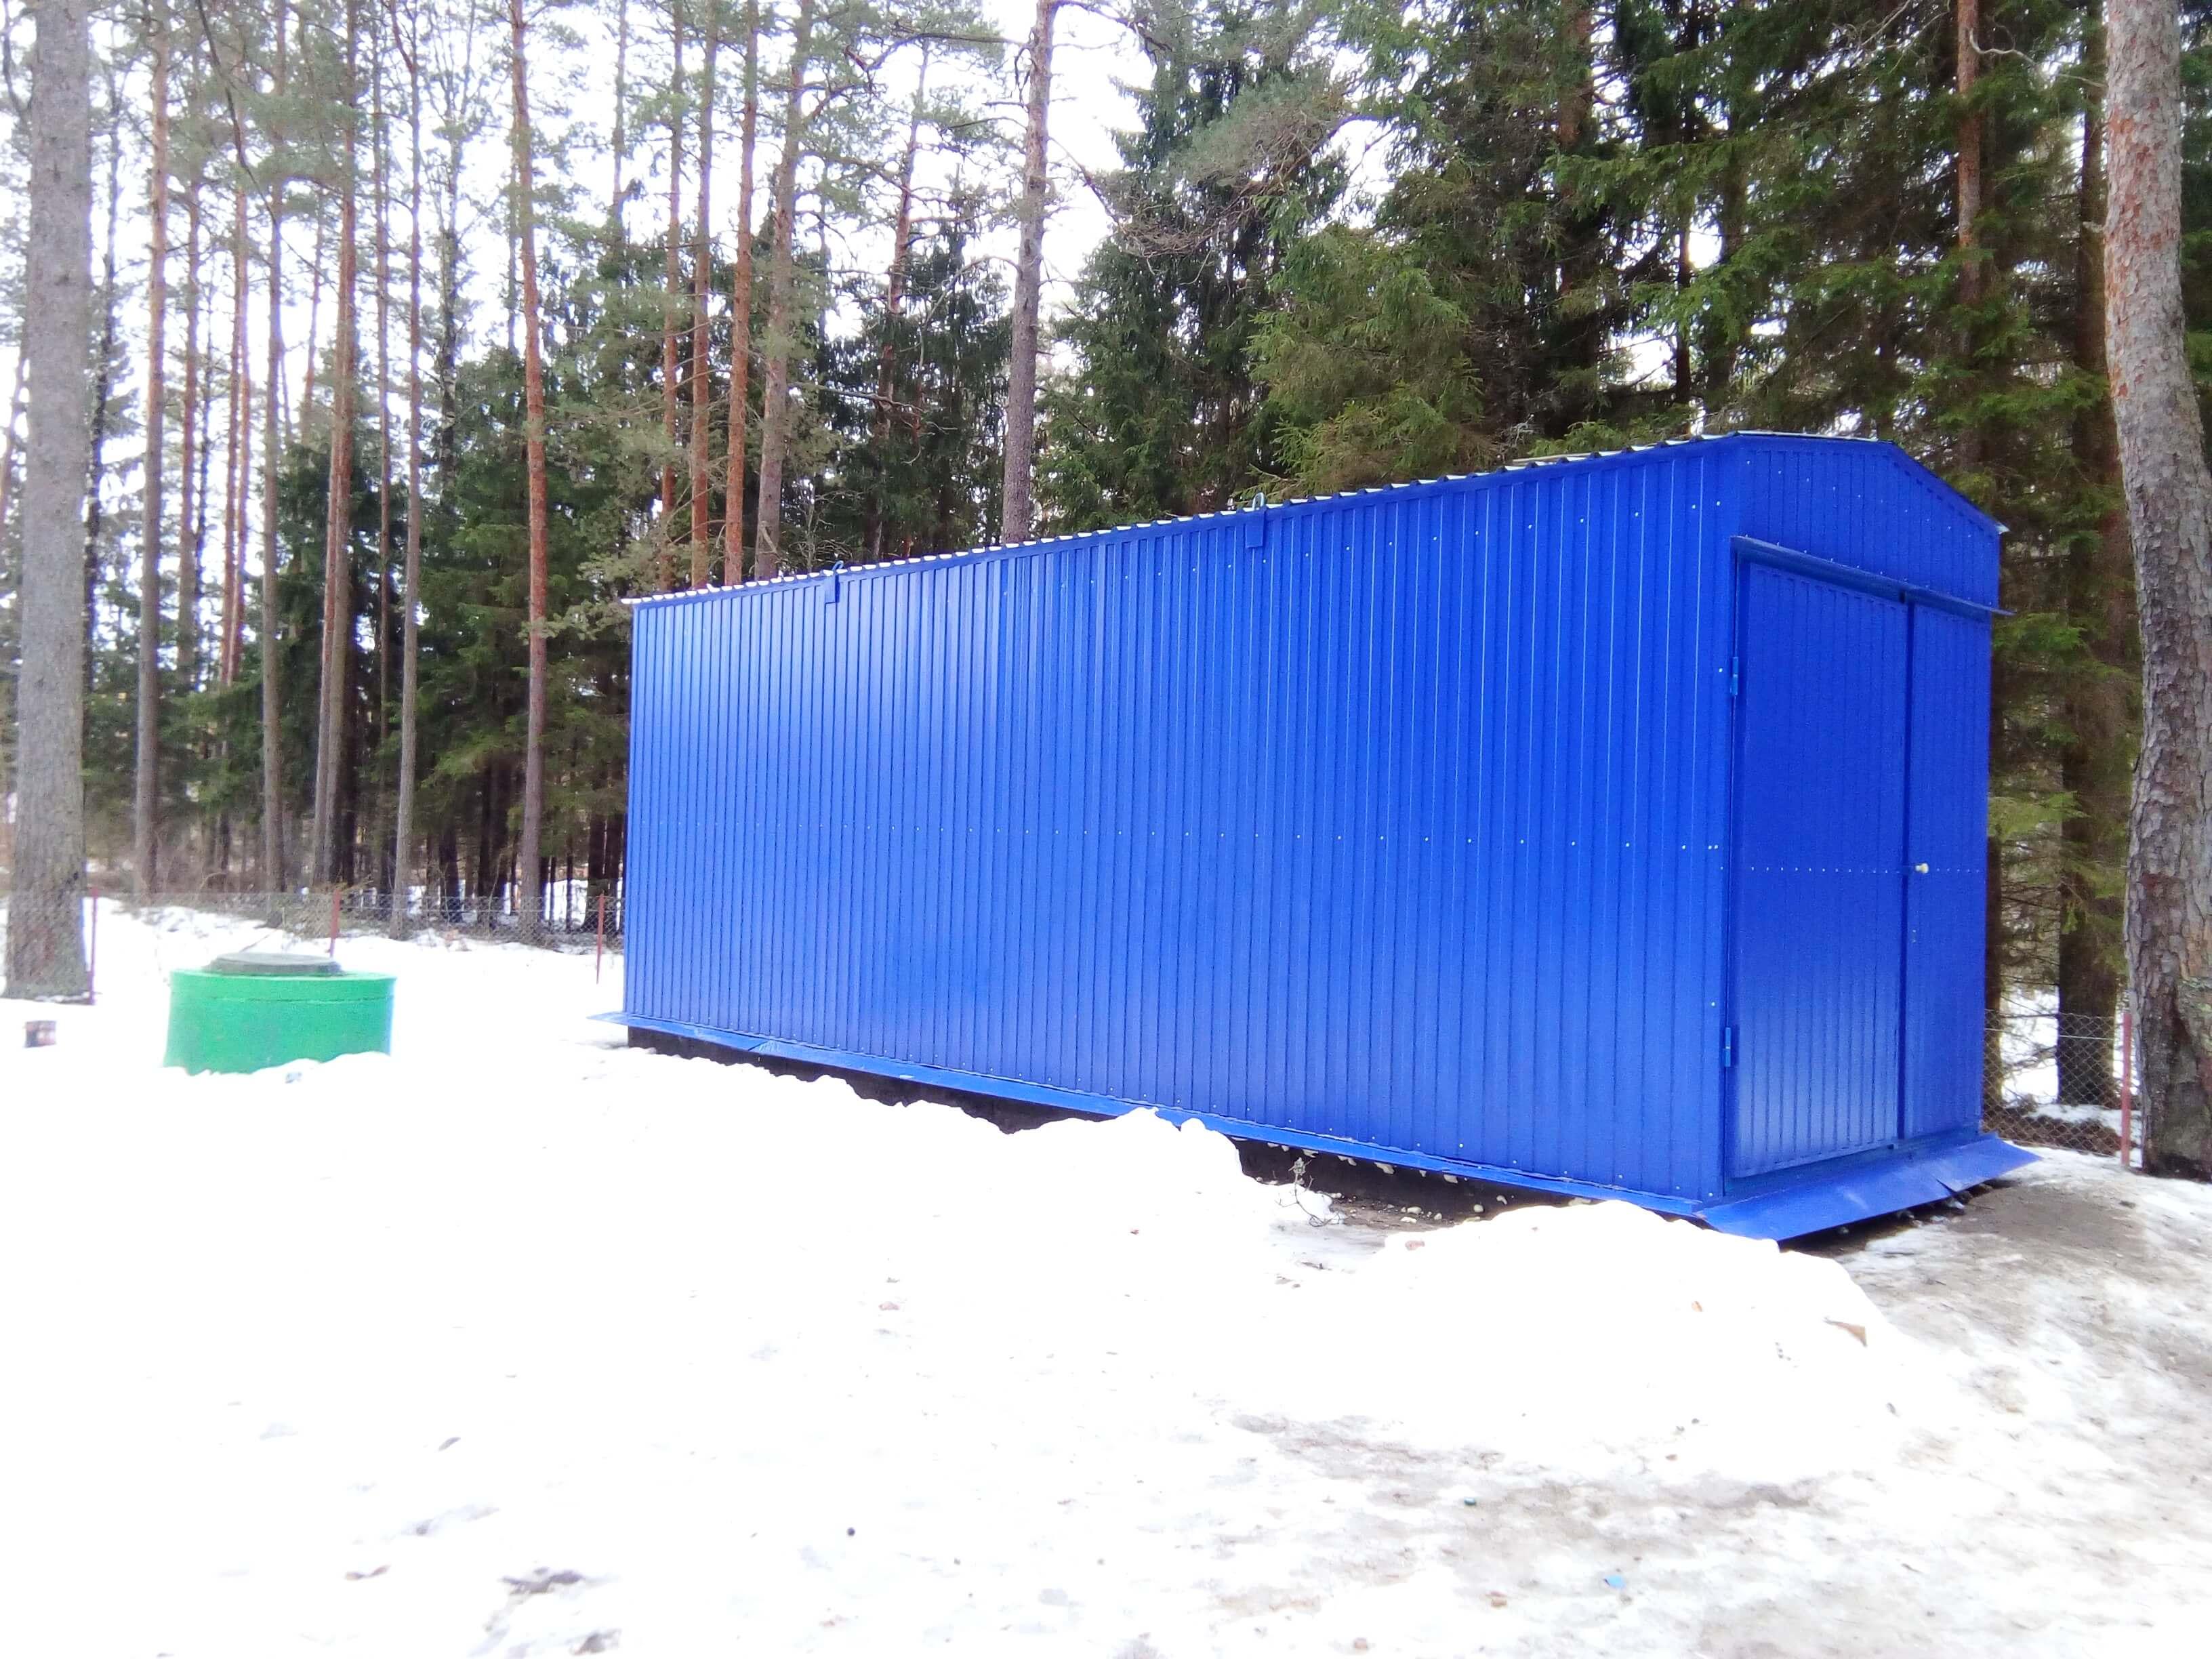 комплекс водоподготовительного оборудования. санаторий Лесные озера